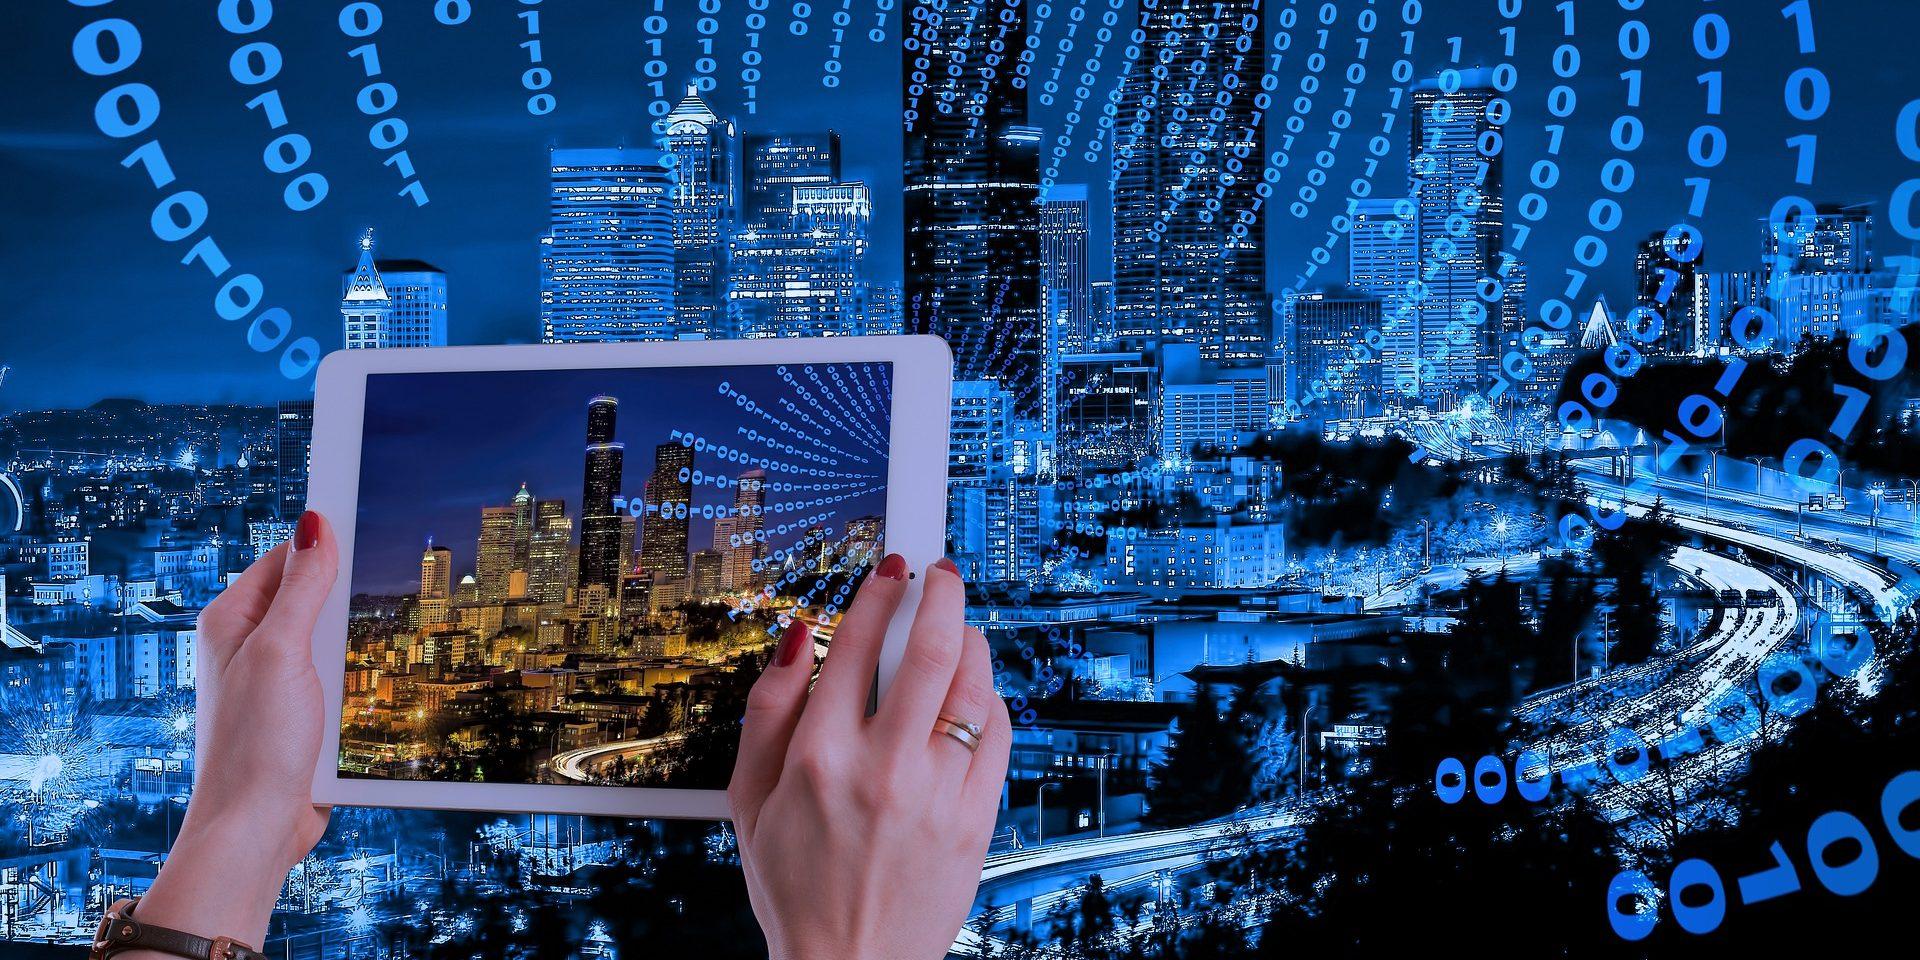 Ленобласть и Сбербанк могут стать партнерами в проекте «Умный город»